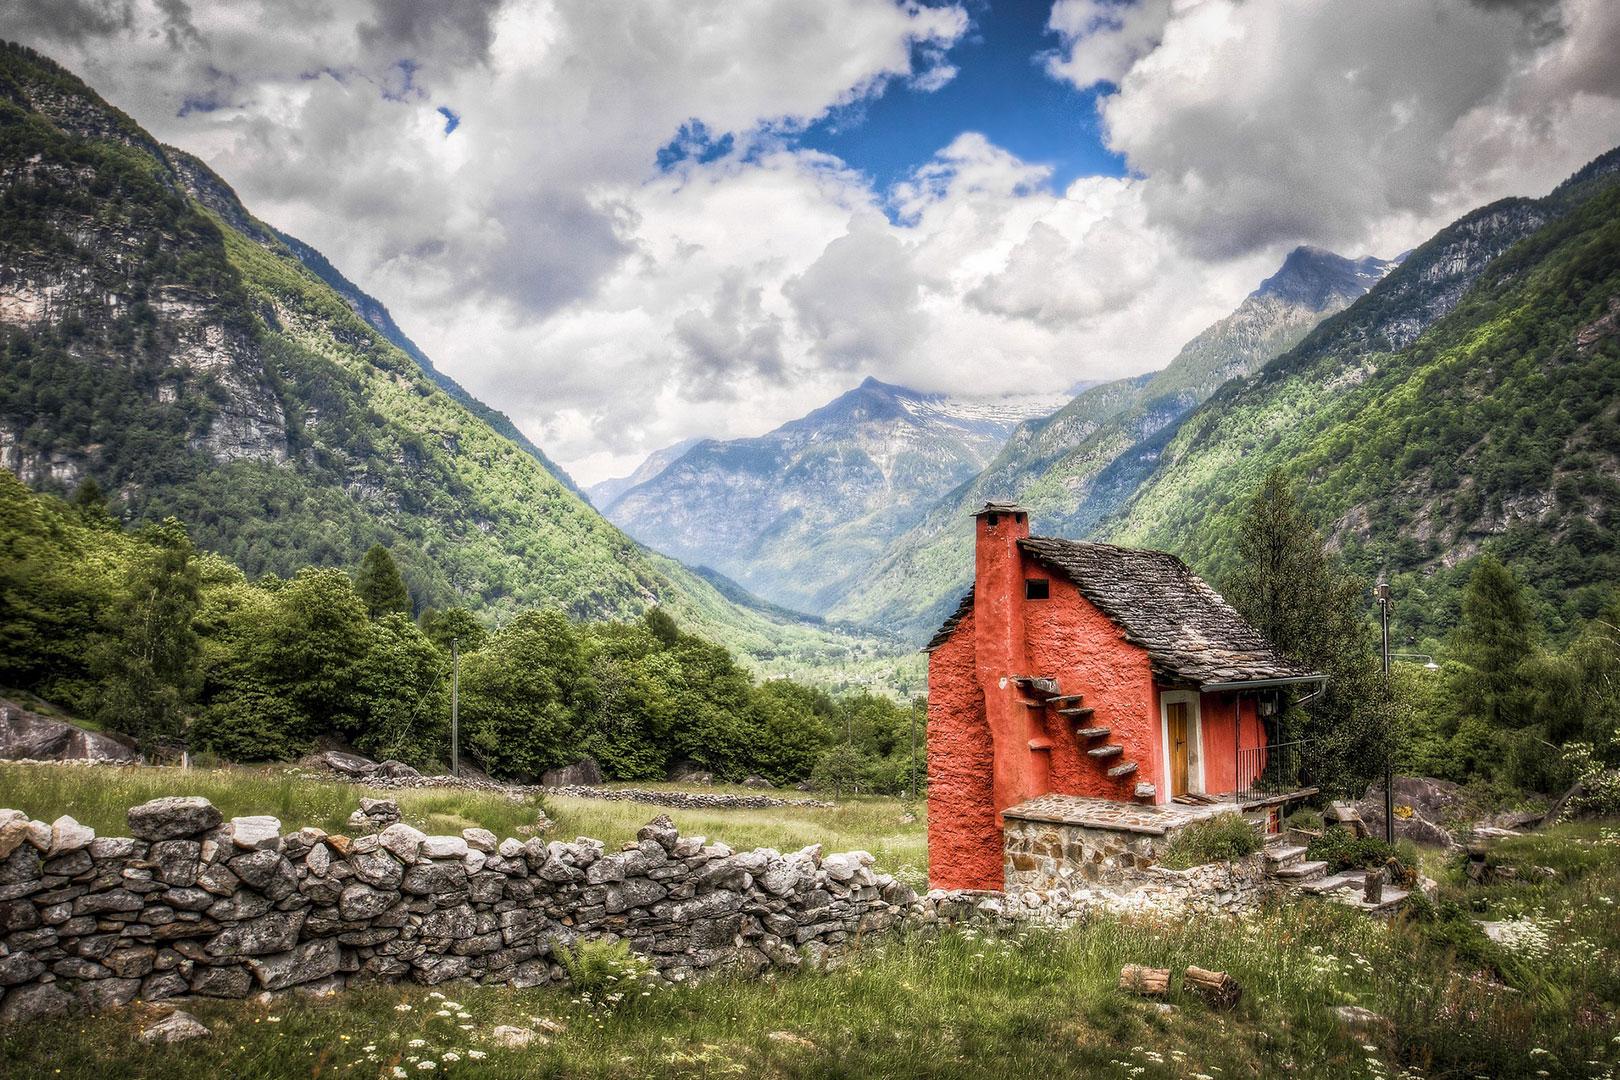 Ein Wochenende in der Schweiz: auf den Spuren von Heidi – aber nicht nur